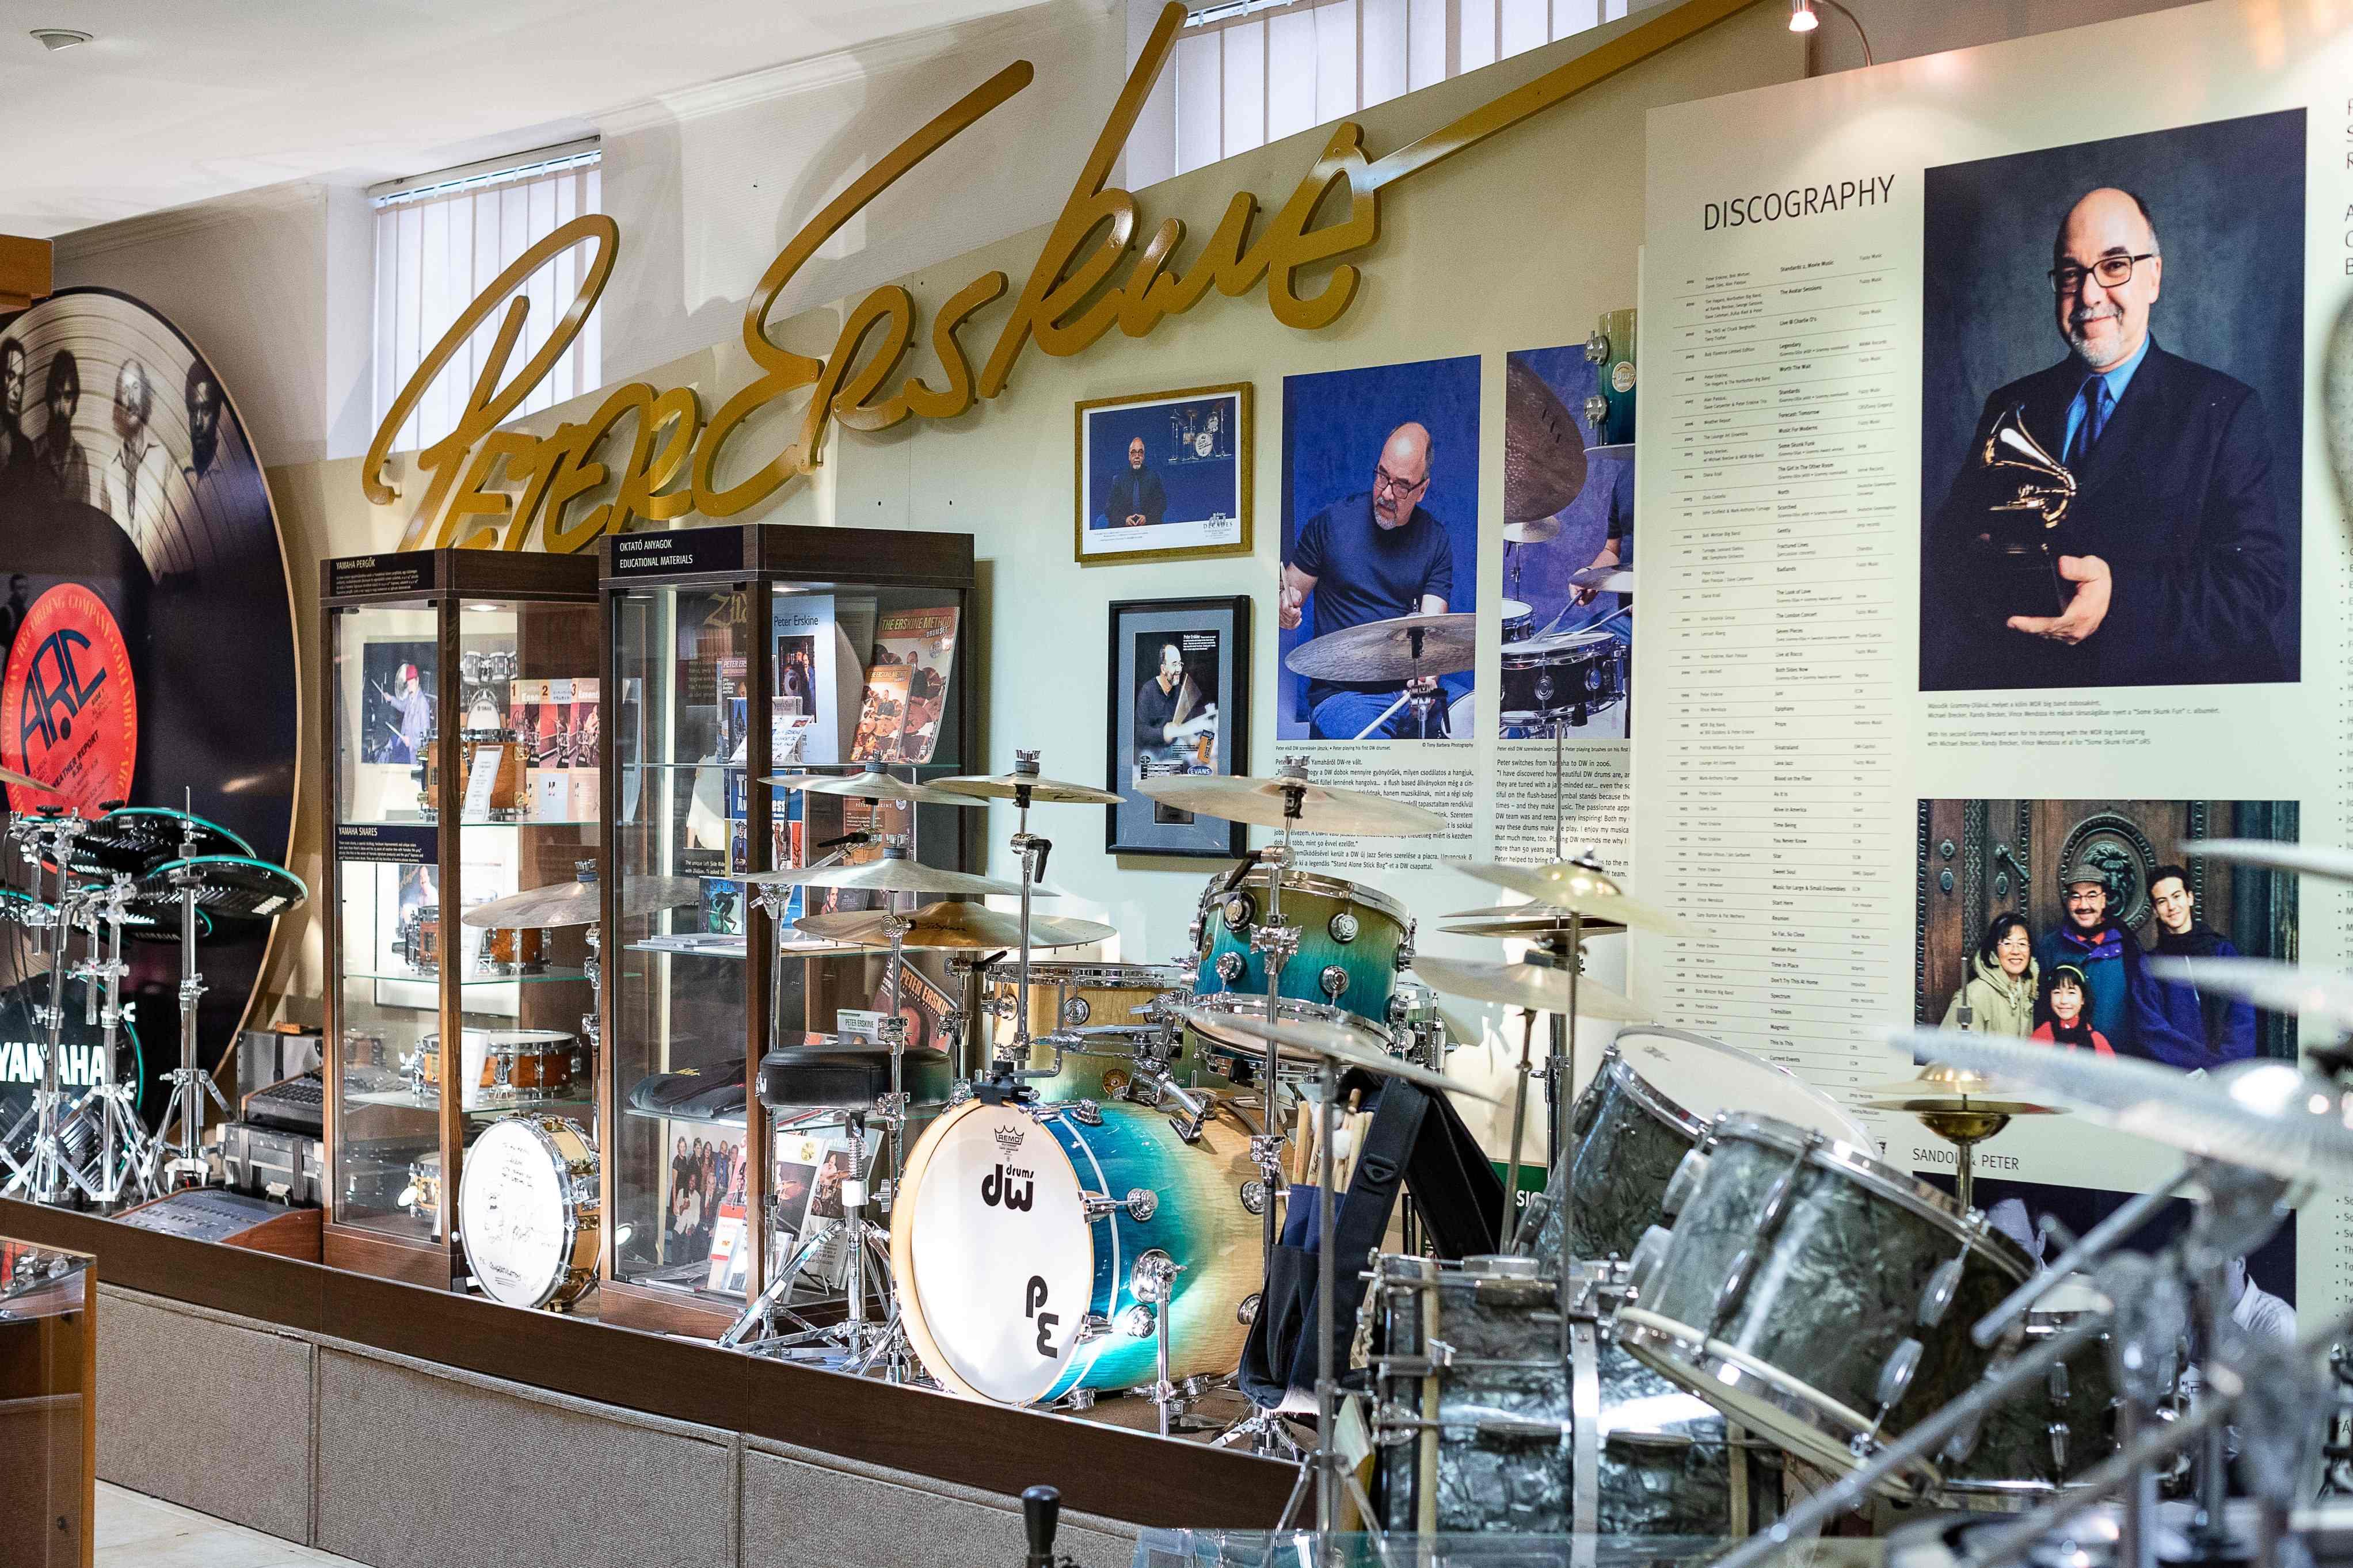 Peter Erskine zenei pályafutását bemutató állandó kiállítás